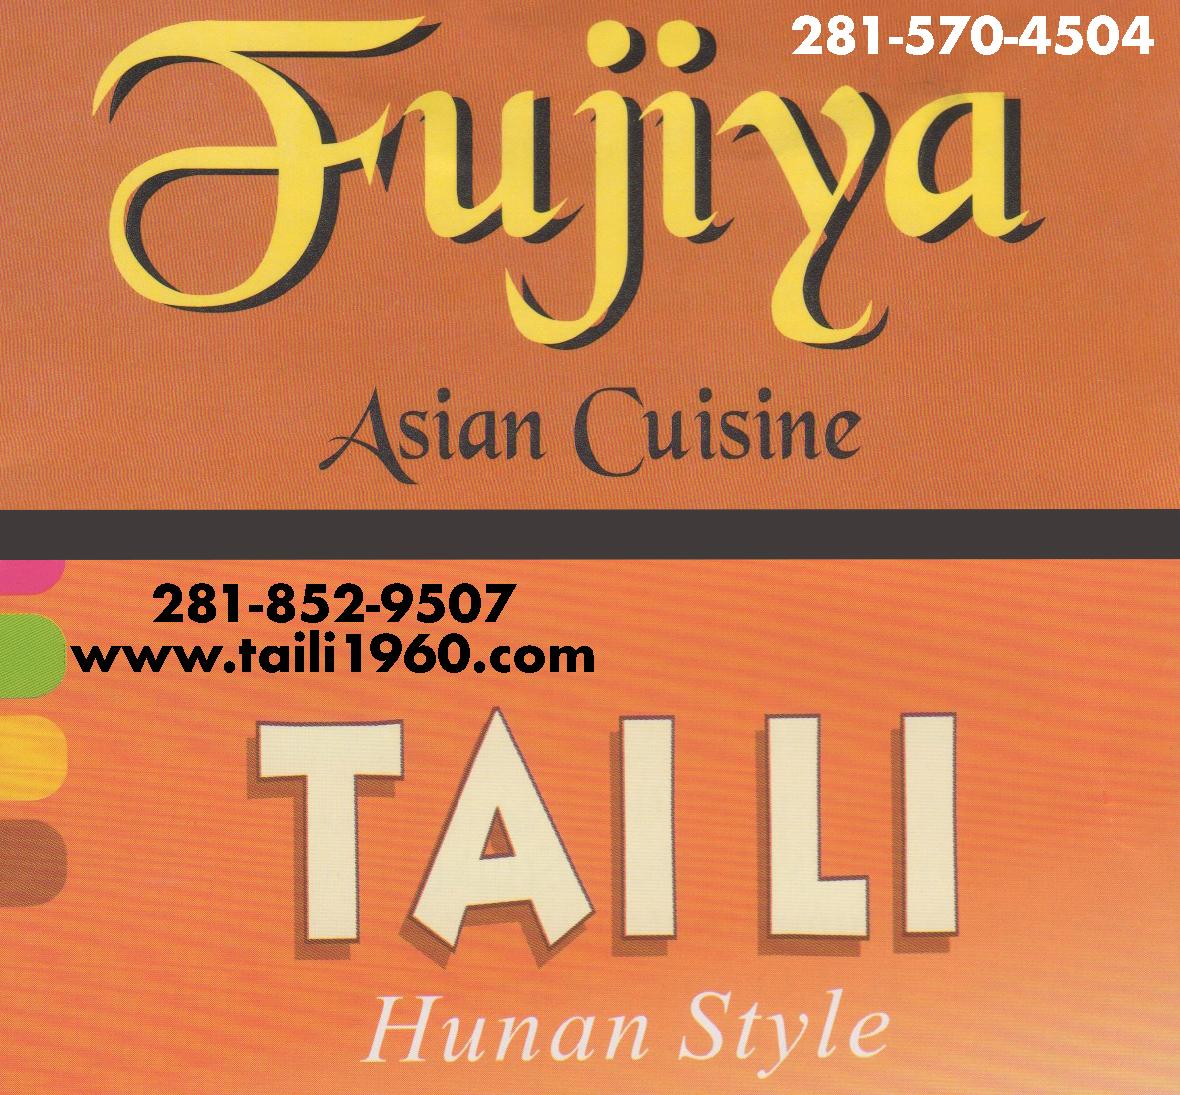 Fujiya, Asian Cuisine & Tai Li, Hunan Style